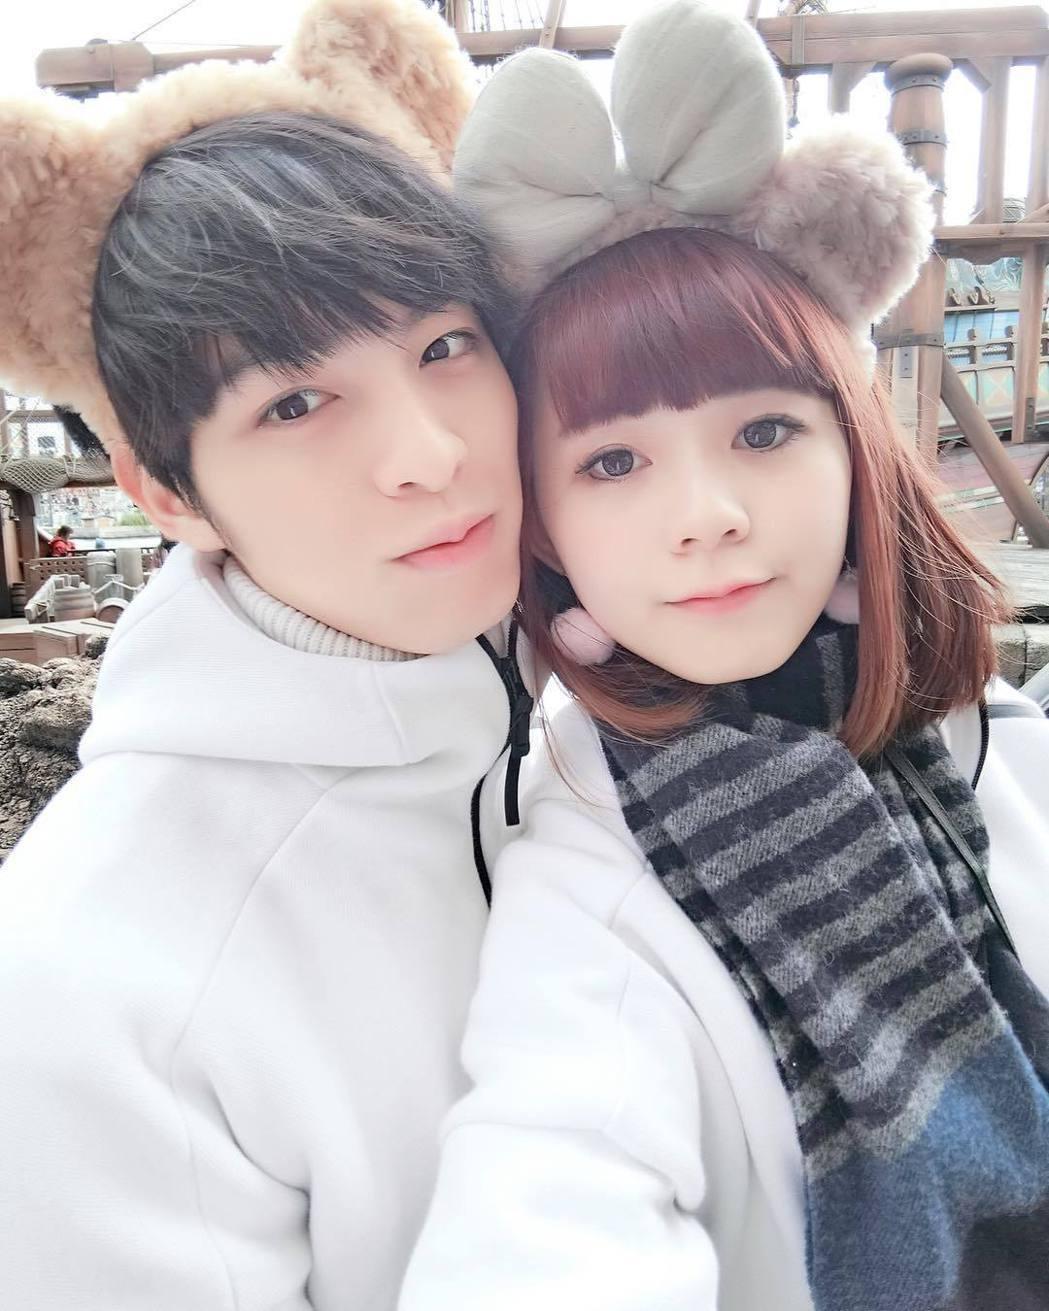 鍾蕙羽與曹佑寧。圖/摘自IG